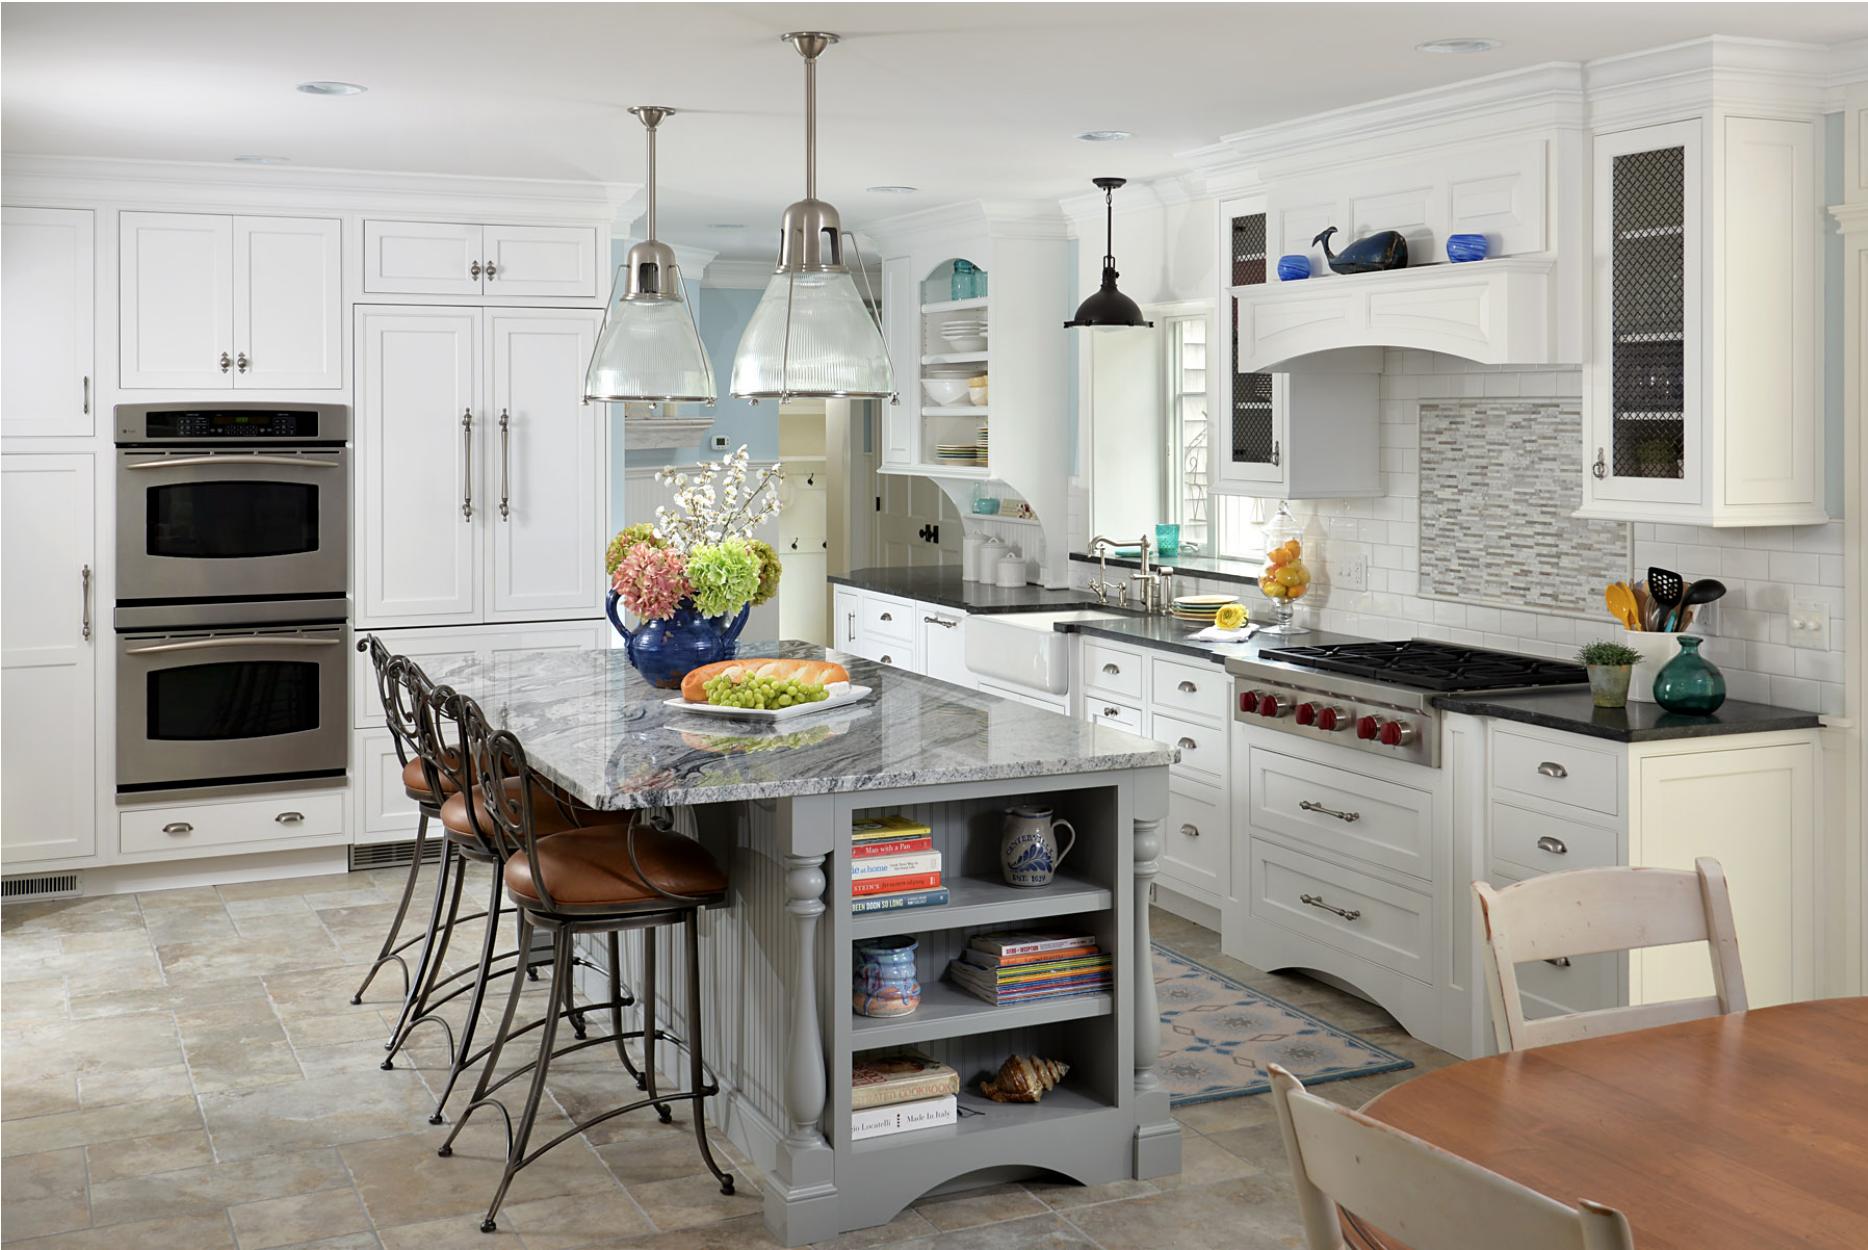 New white cabinets in a Stuart, FL kitchen